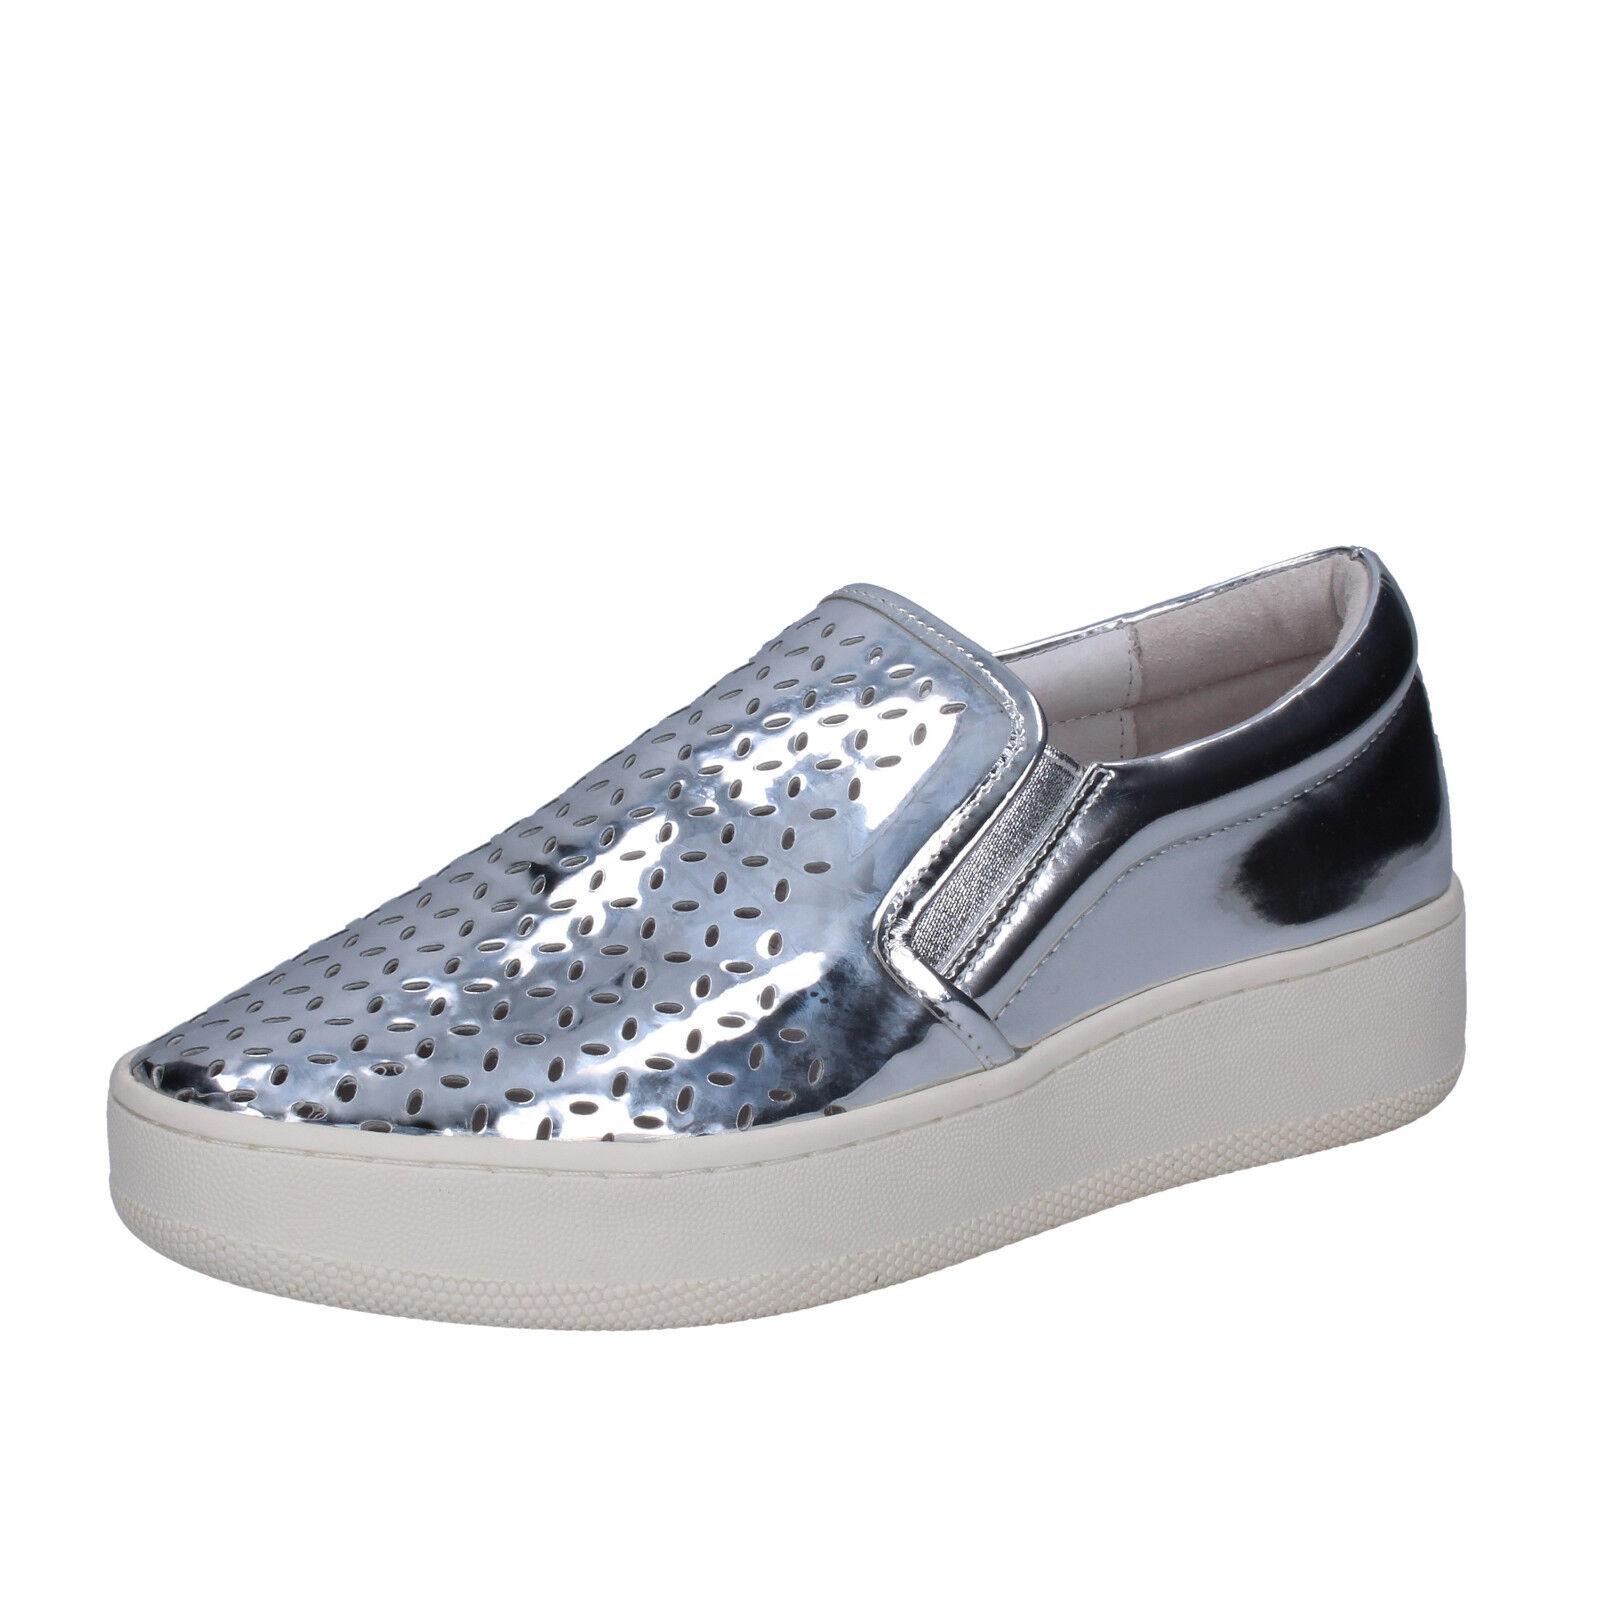 Women's shoes UMA PARKER 9 9 9 (EU 39) slip on silver leather BT564-39 9103bd